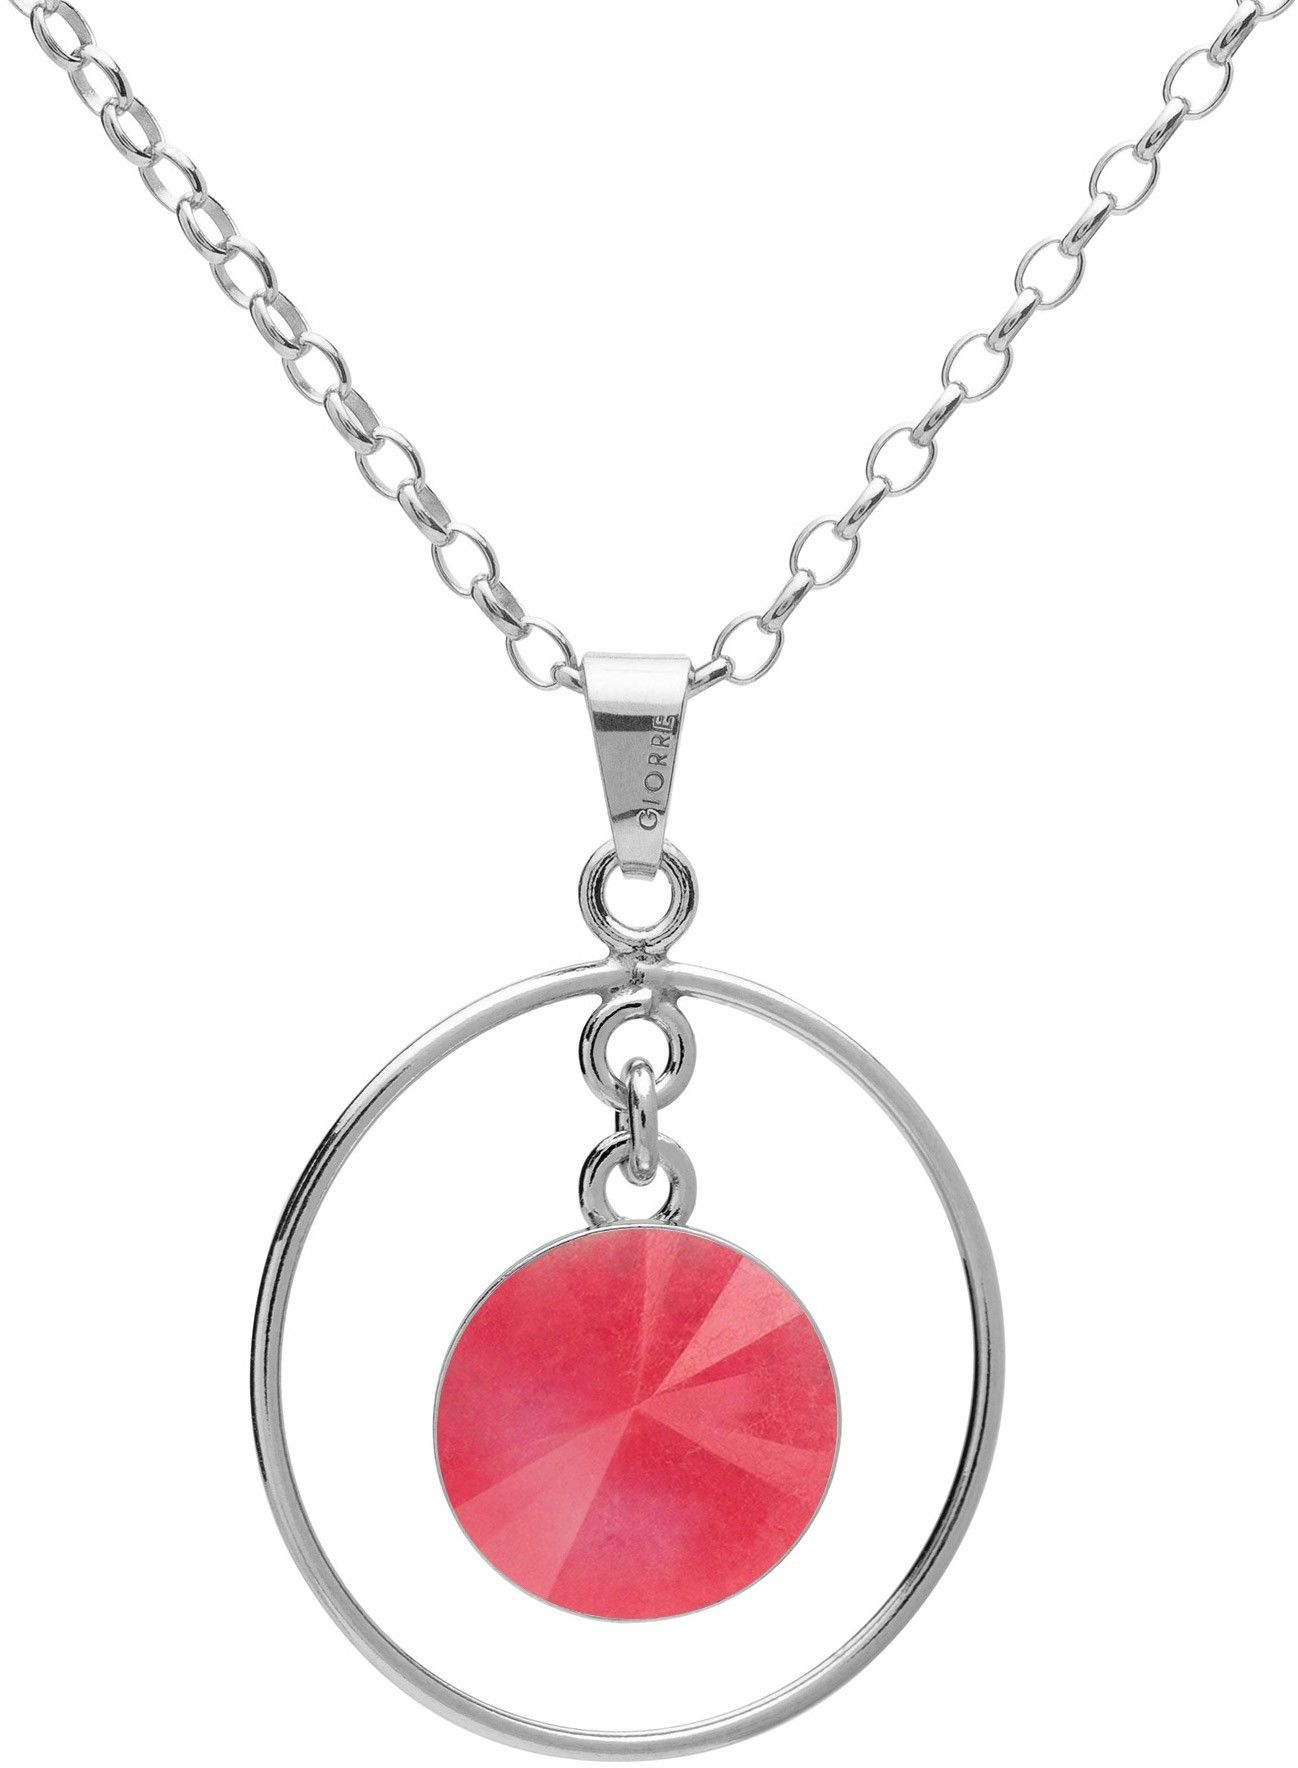 Okrągły naszyjnik z naturalnym kamieniem - jadeit, srebro 925 : Długość (cm) - 45 + 5, Kamienie naturalne - kolor - jadeit różowy, Srebro - kolor pokrycia - Pokrycie platyną